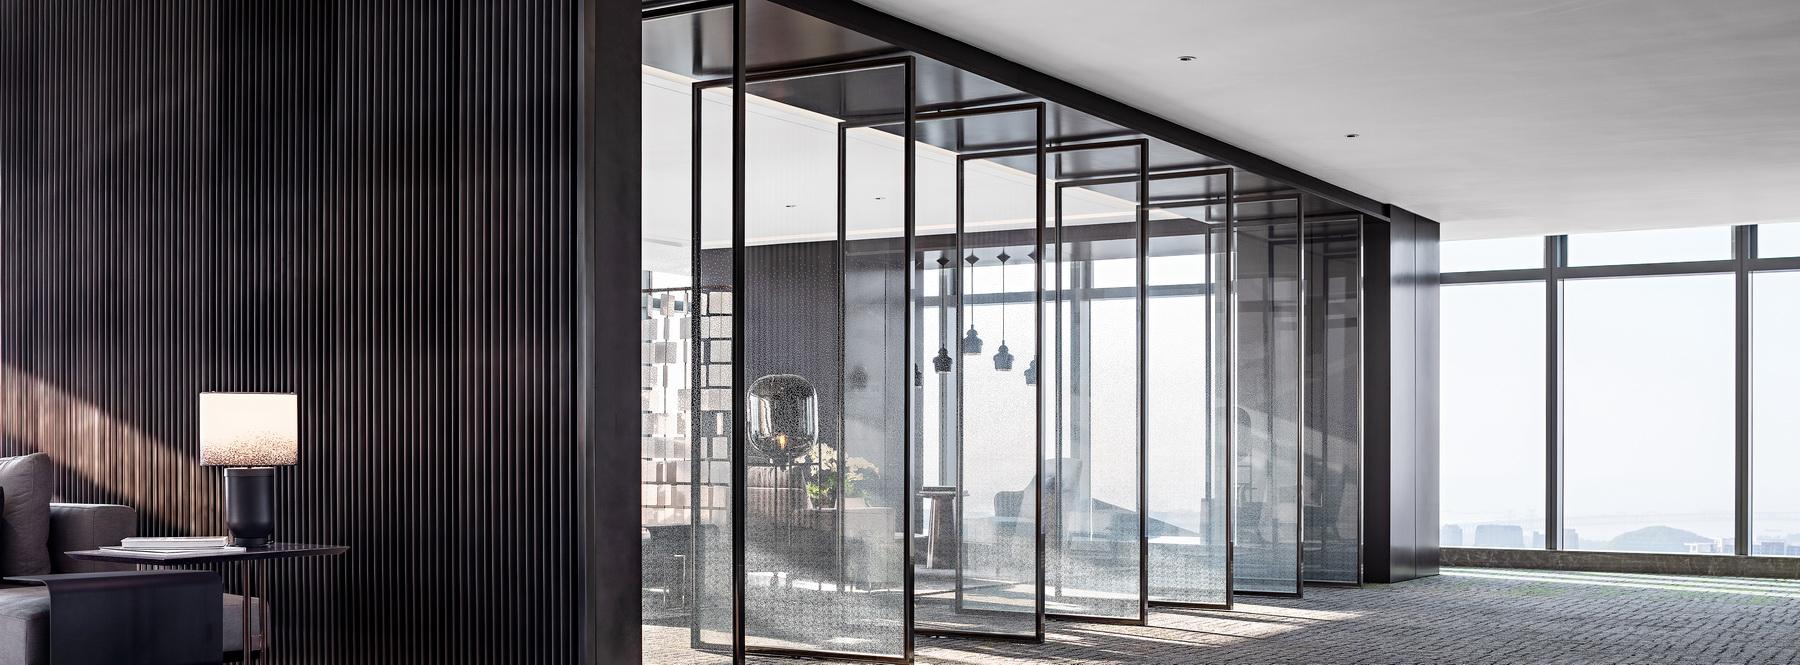 深圳宏发前城办公展示中心 室内设计  /  汇格设计